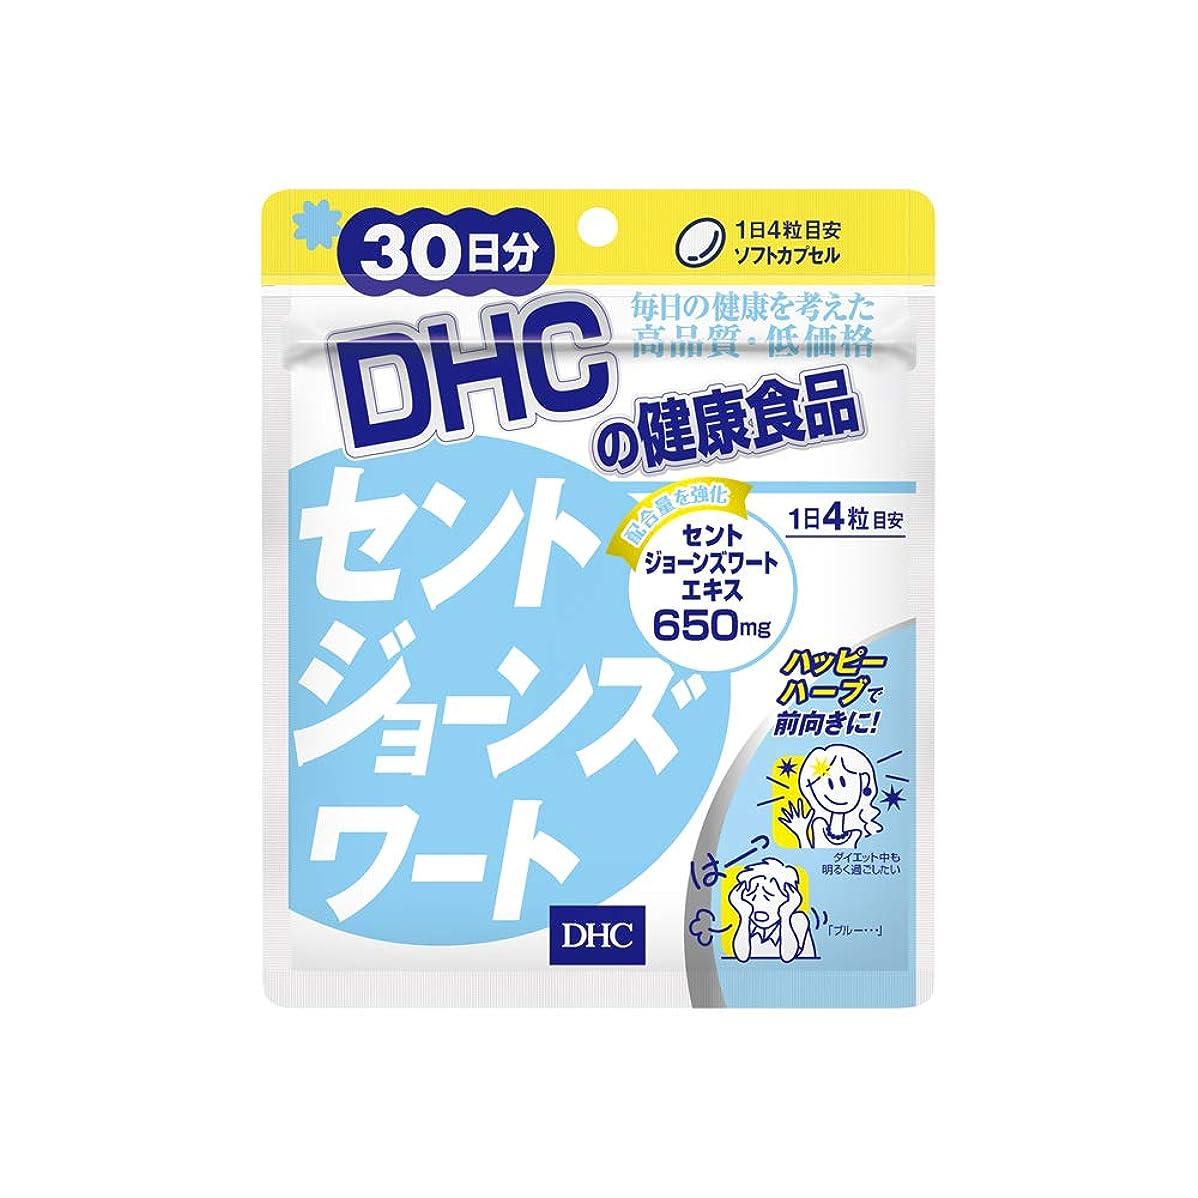 起こるある構造的DHC セントジョーンズワート 30日分